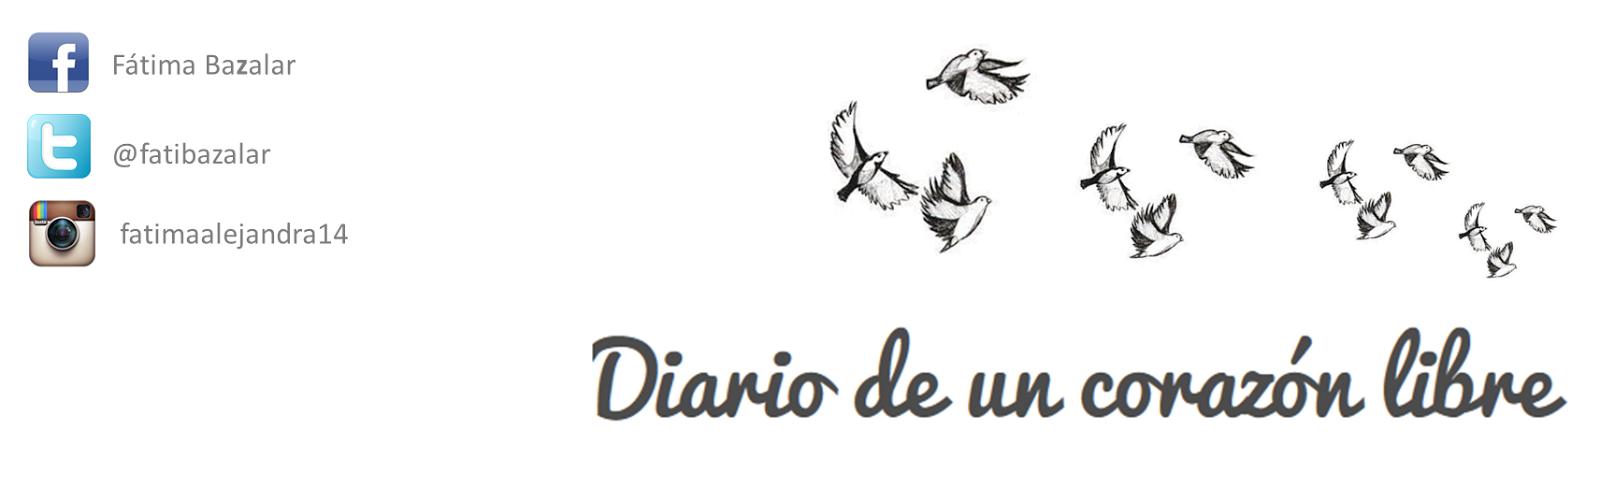 Diario de un corazón libre